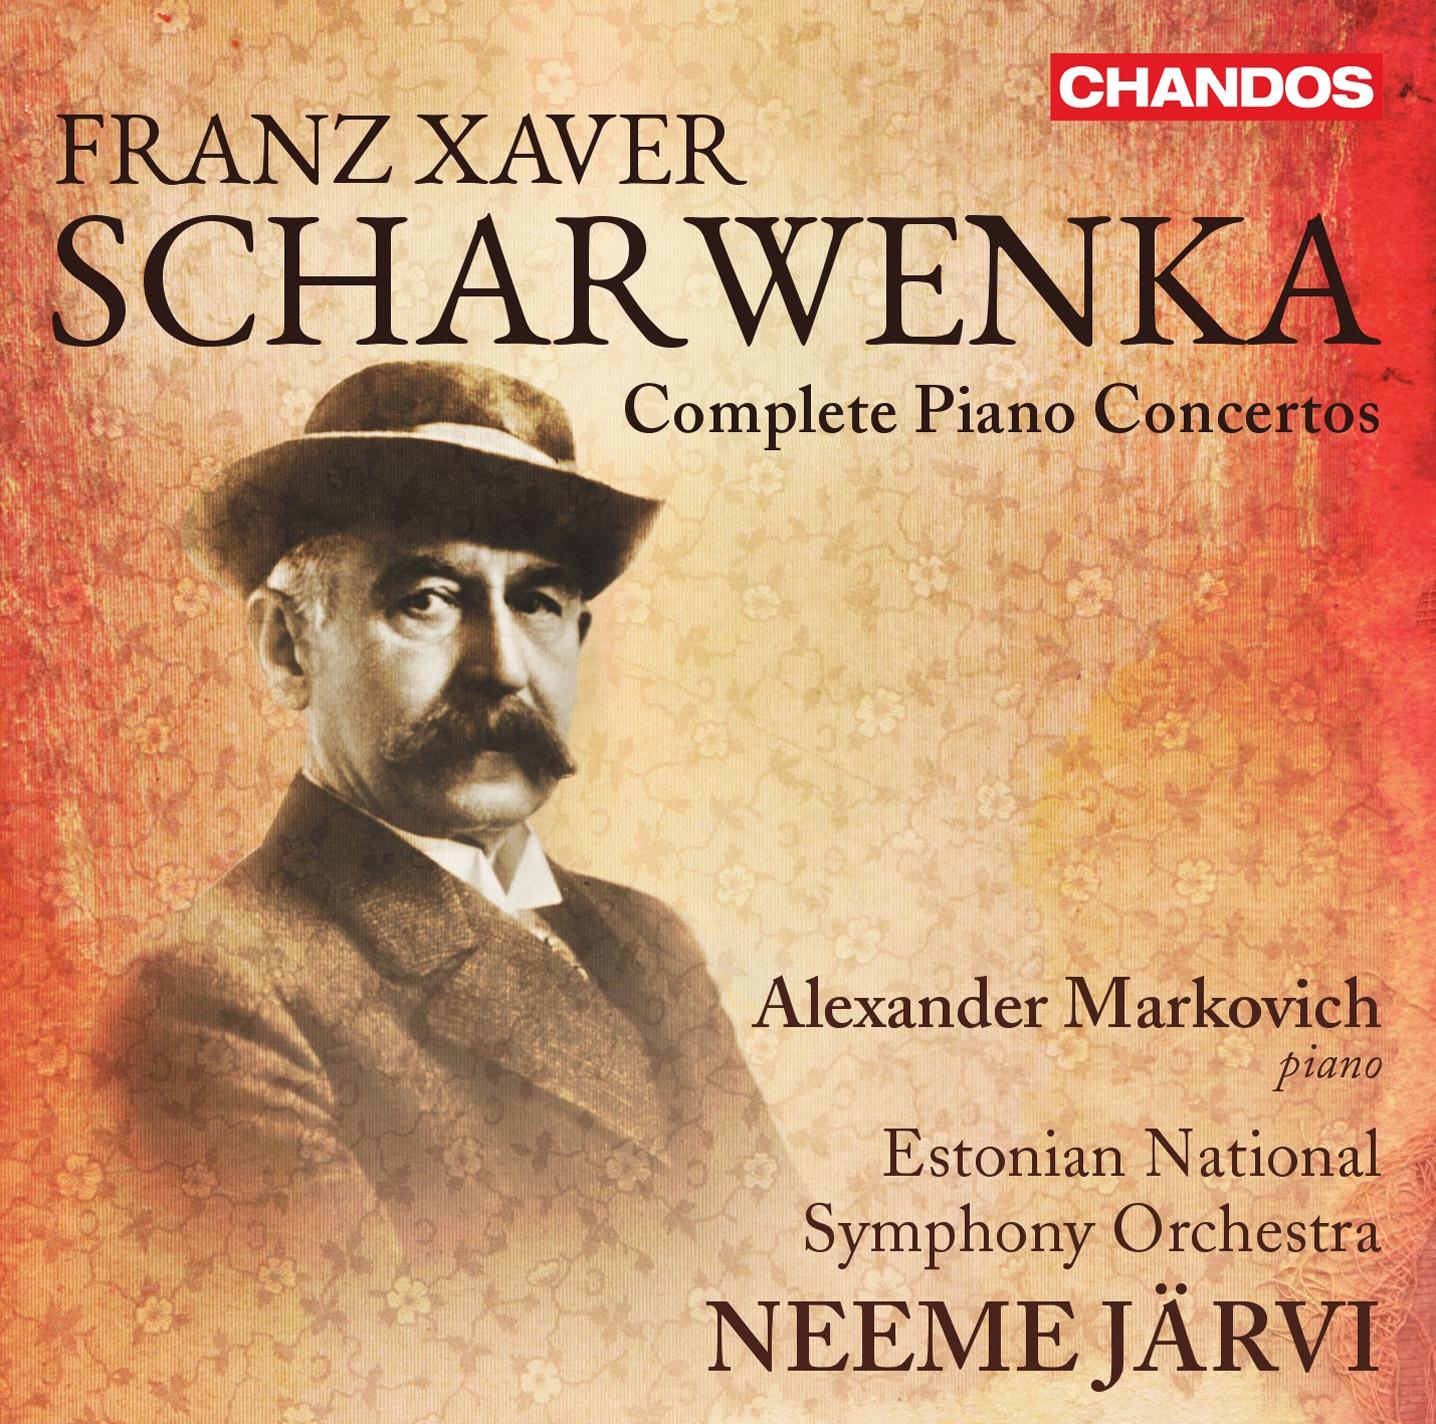 Piano Concerto No. 2 in C Minor, Op. 56: I. Allegro